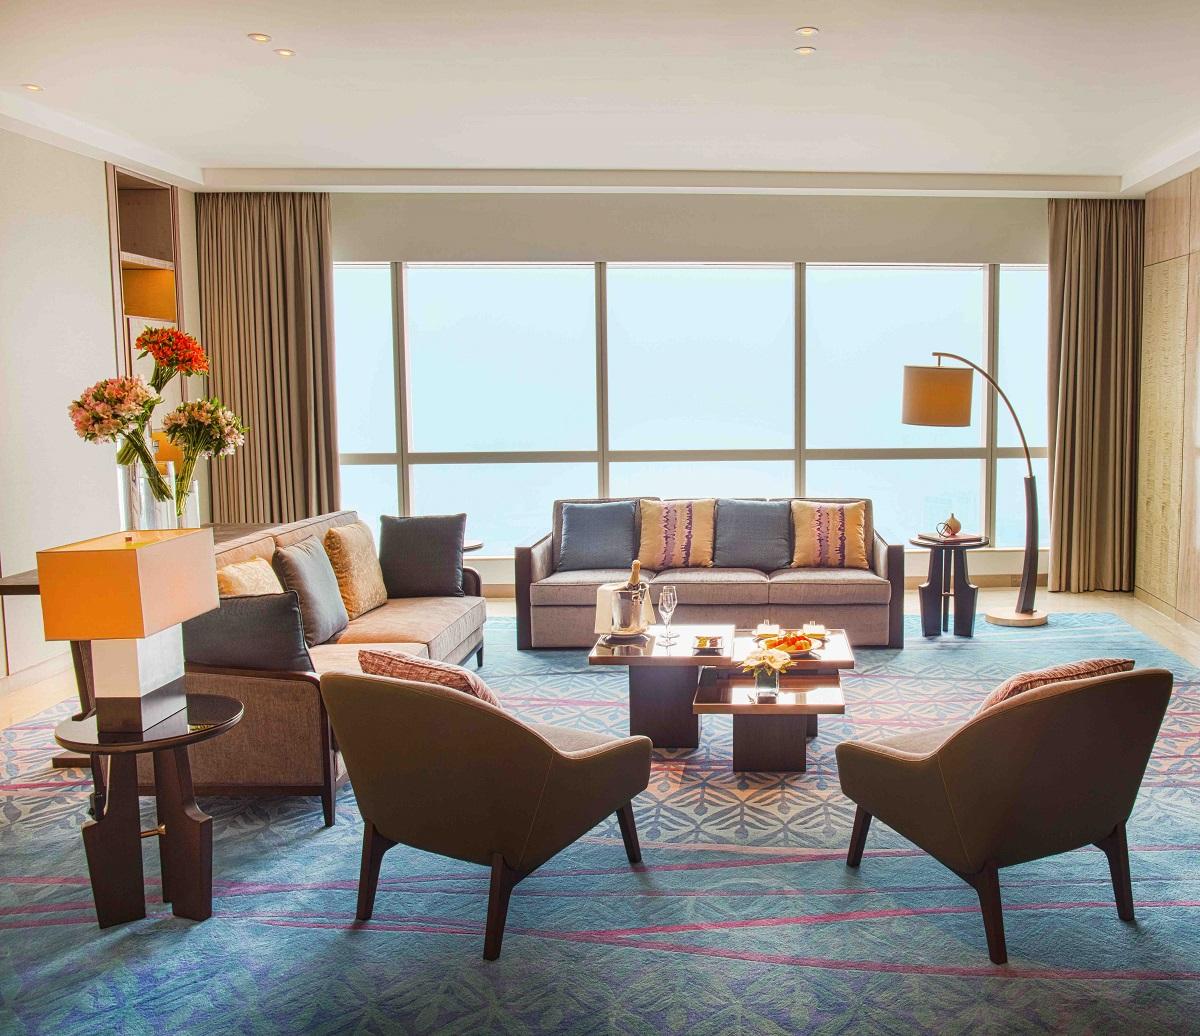 Phòng Presidential Suite tại intercontinental hanoi landmark72 khách sạn 5 sao với tiện nghi sang trọng, đặc quyền Club InterContinental và tầm nhìn toàn cành thành phố Hà Nội